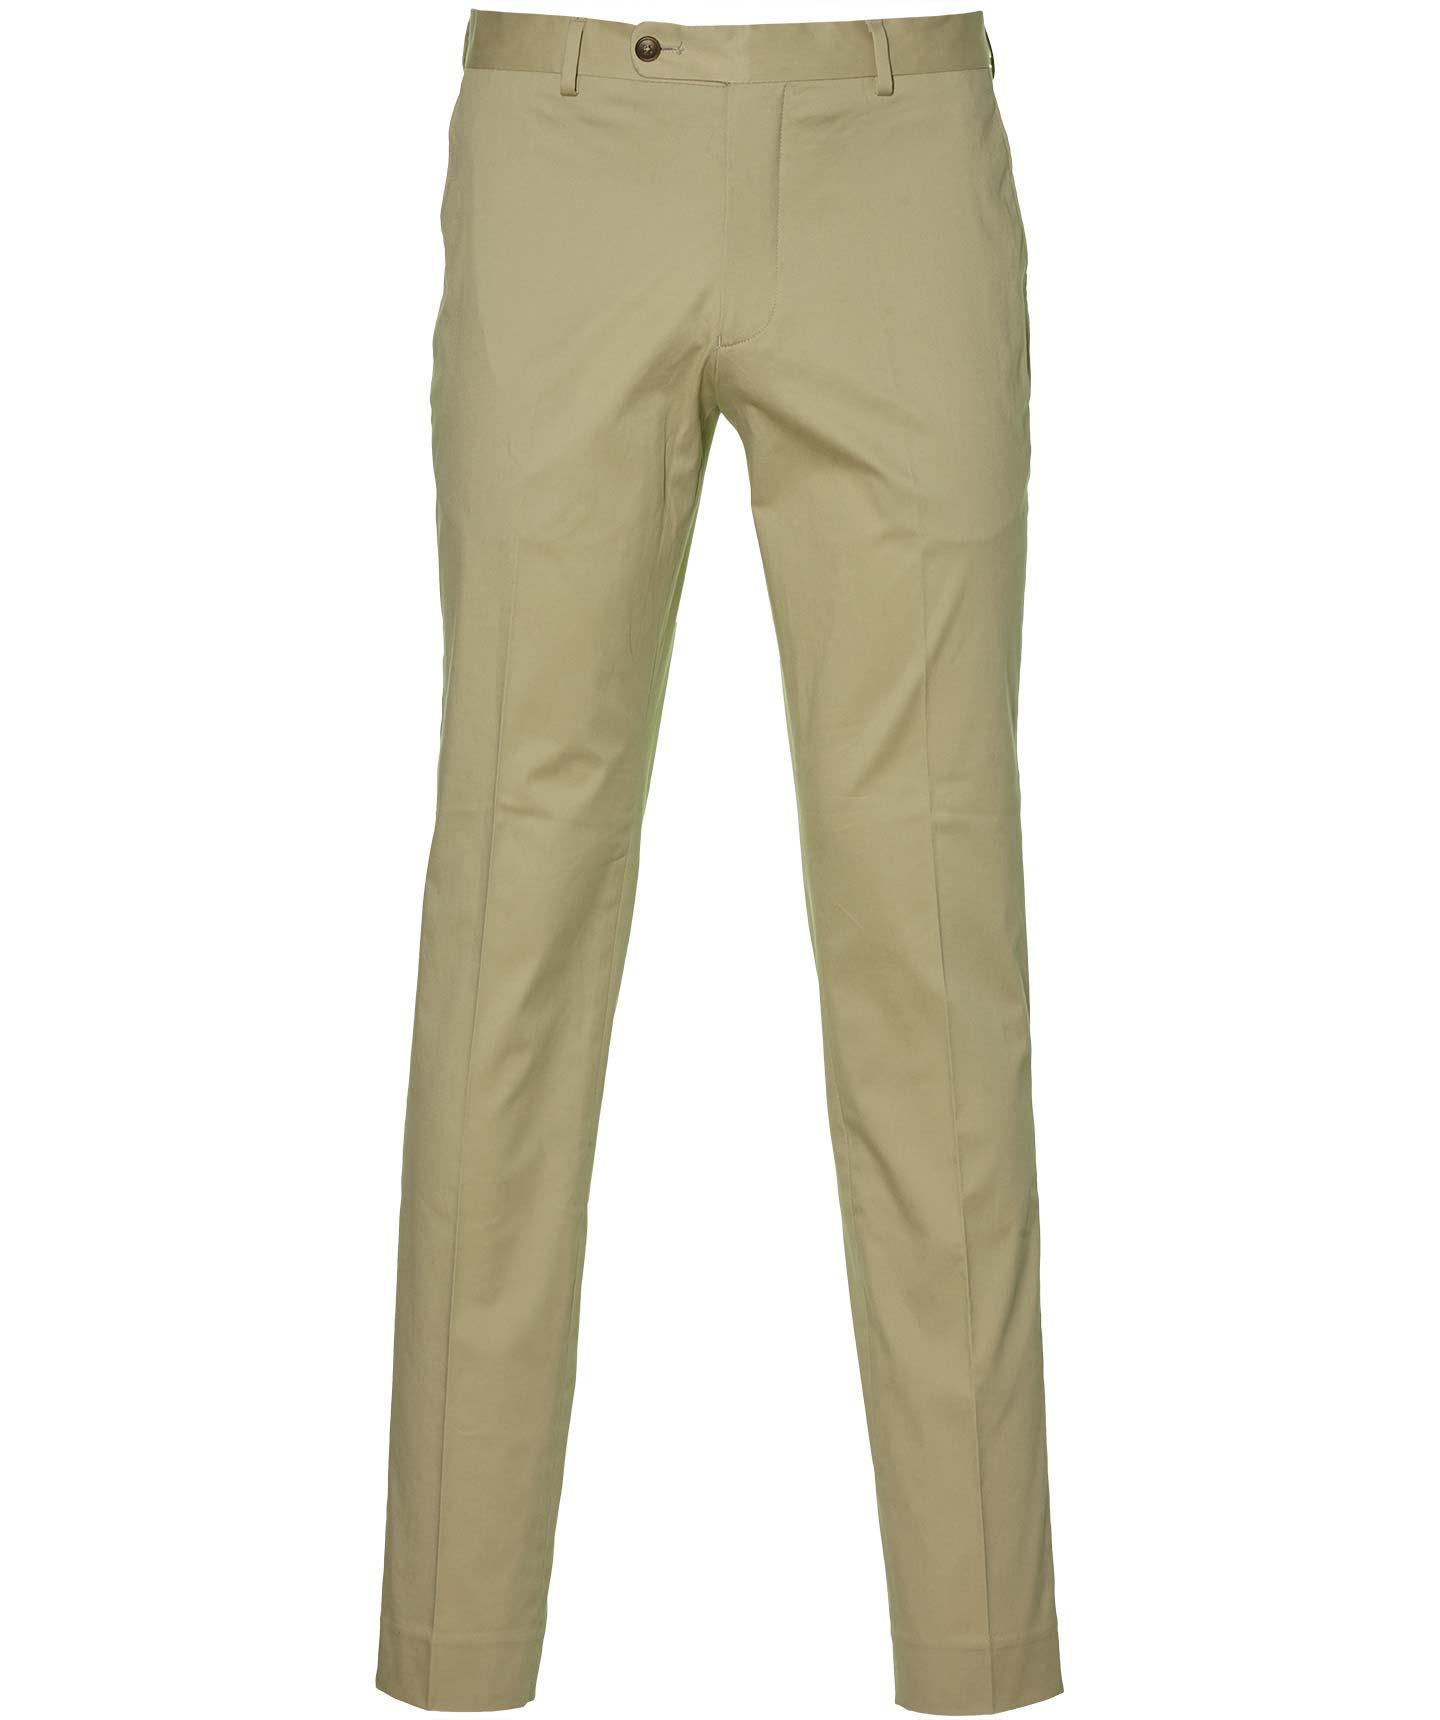 Hensen Pantalon - Slim Fit - Beige